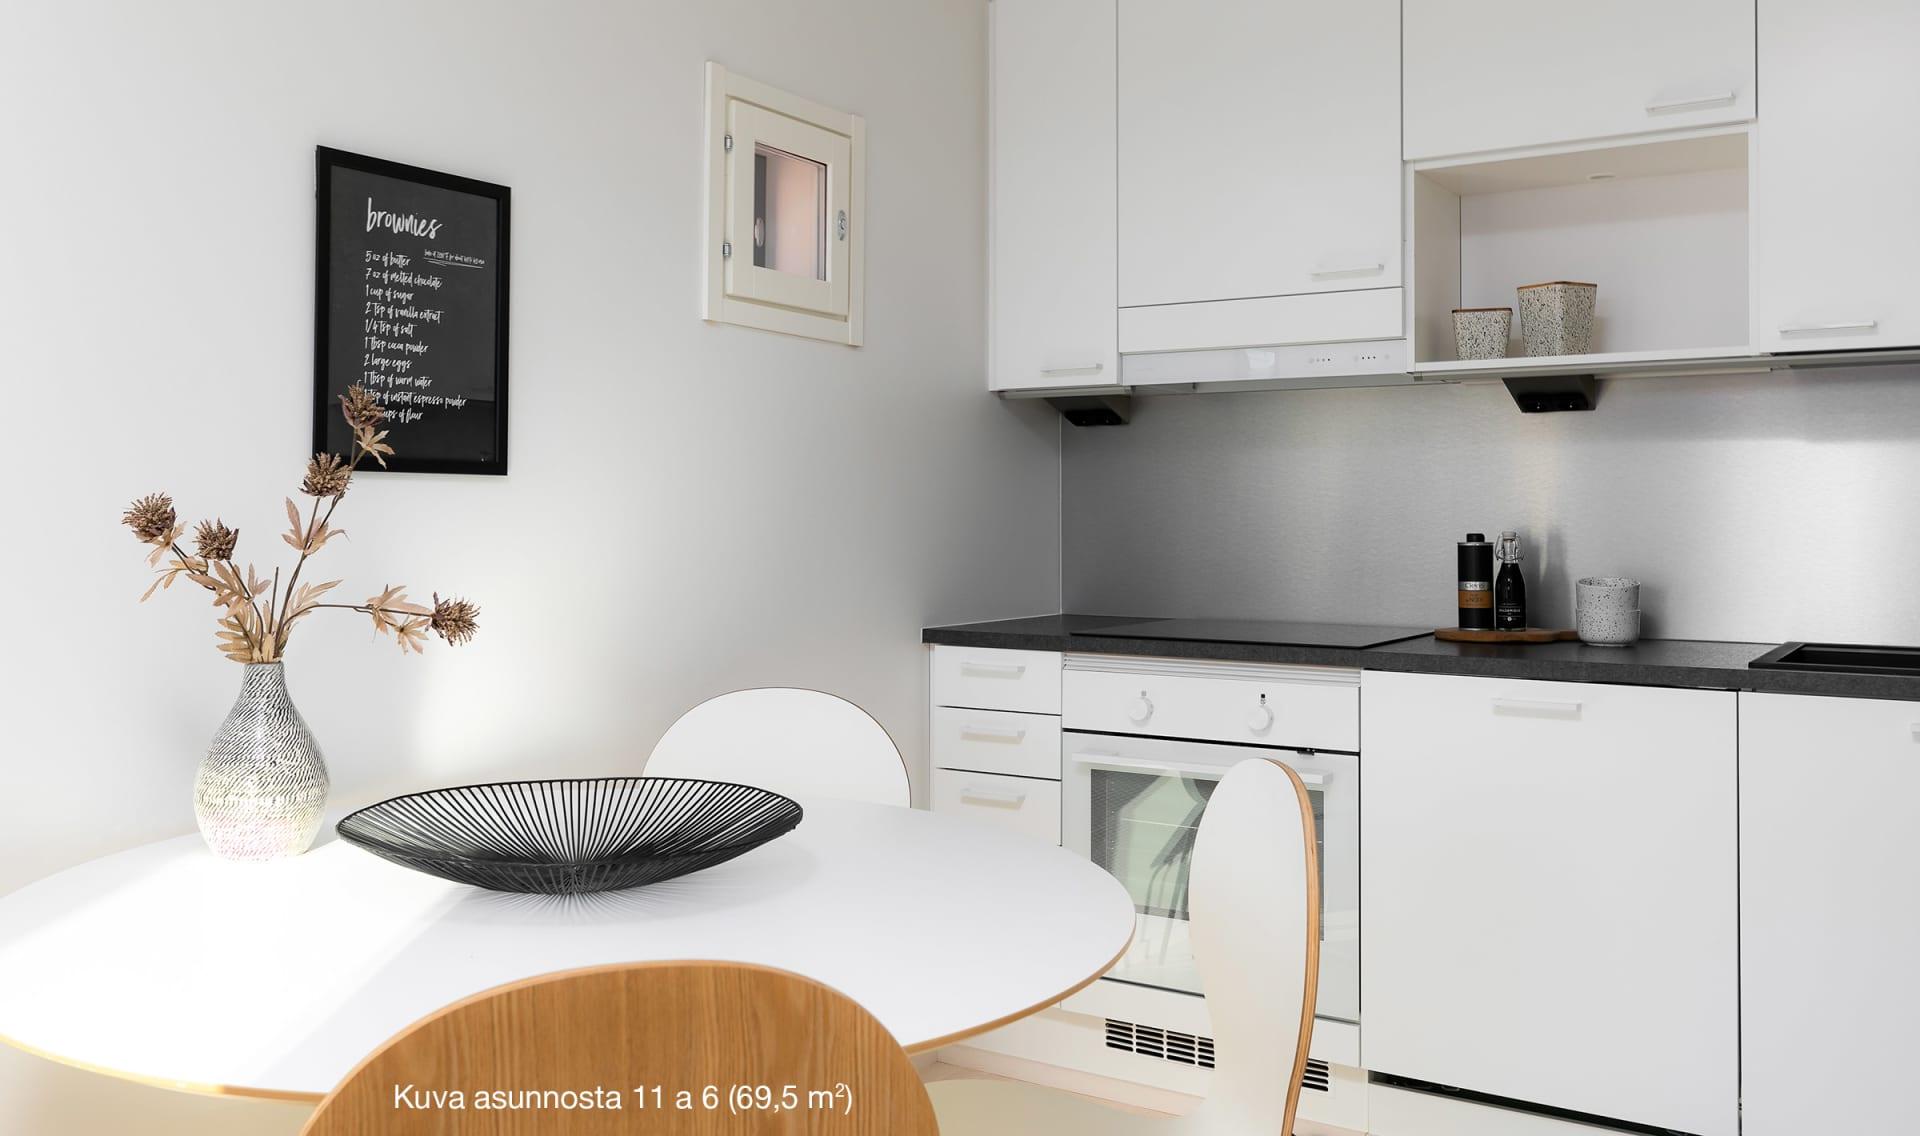 Hämeenlinnan Villa Marrone - 11 a 6 - 3h+k+s